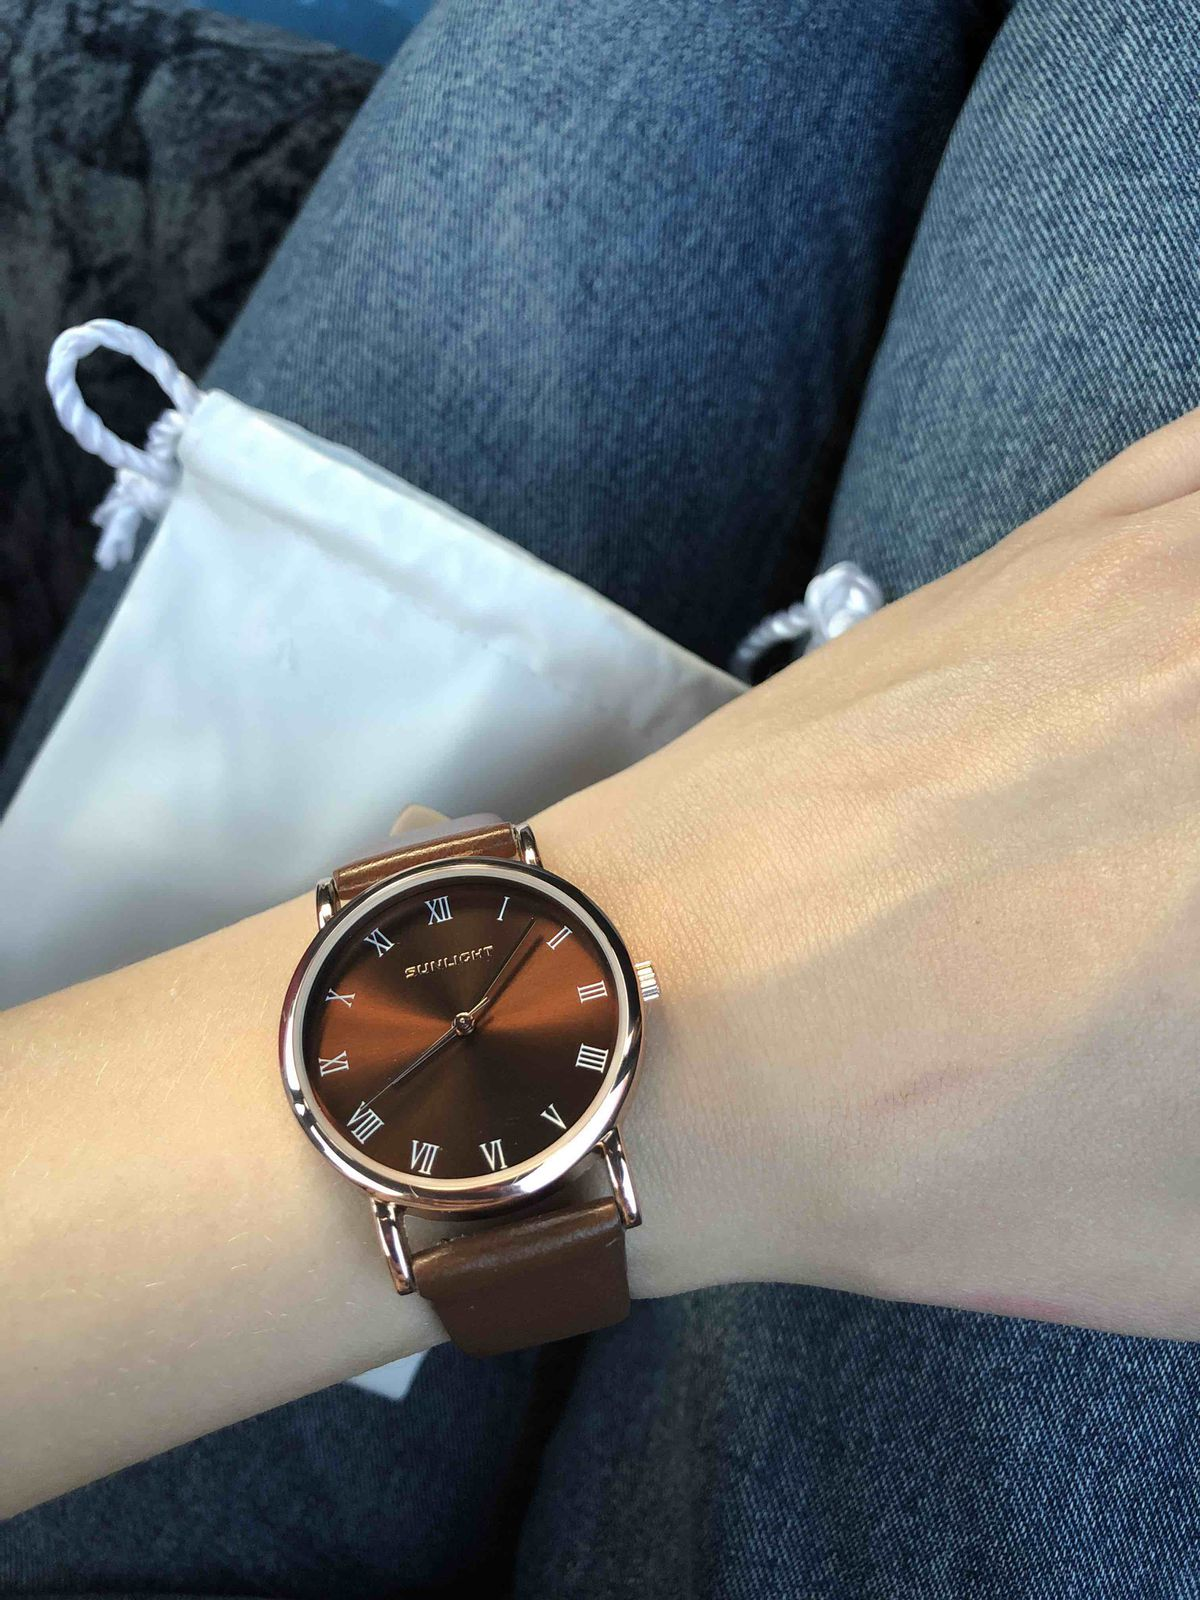 Женские часы , очень красивого коричневого цвета с золотыми стрелочками